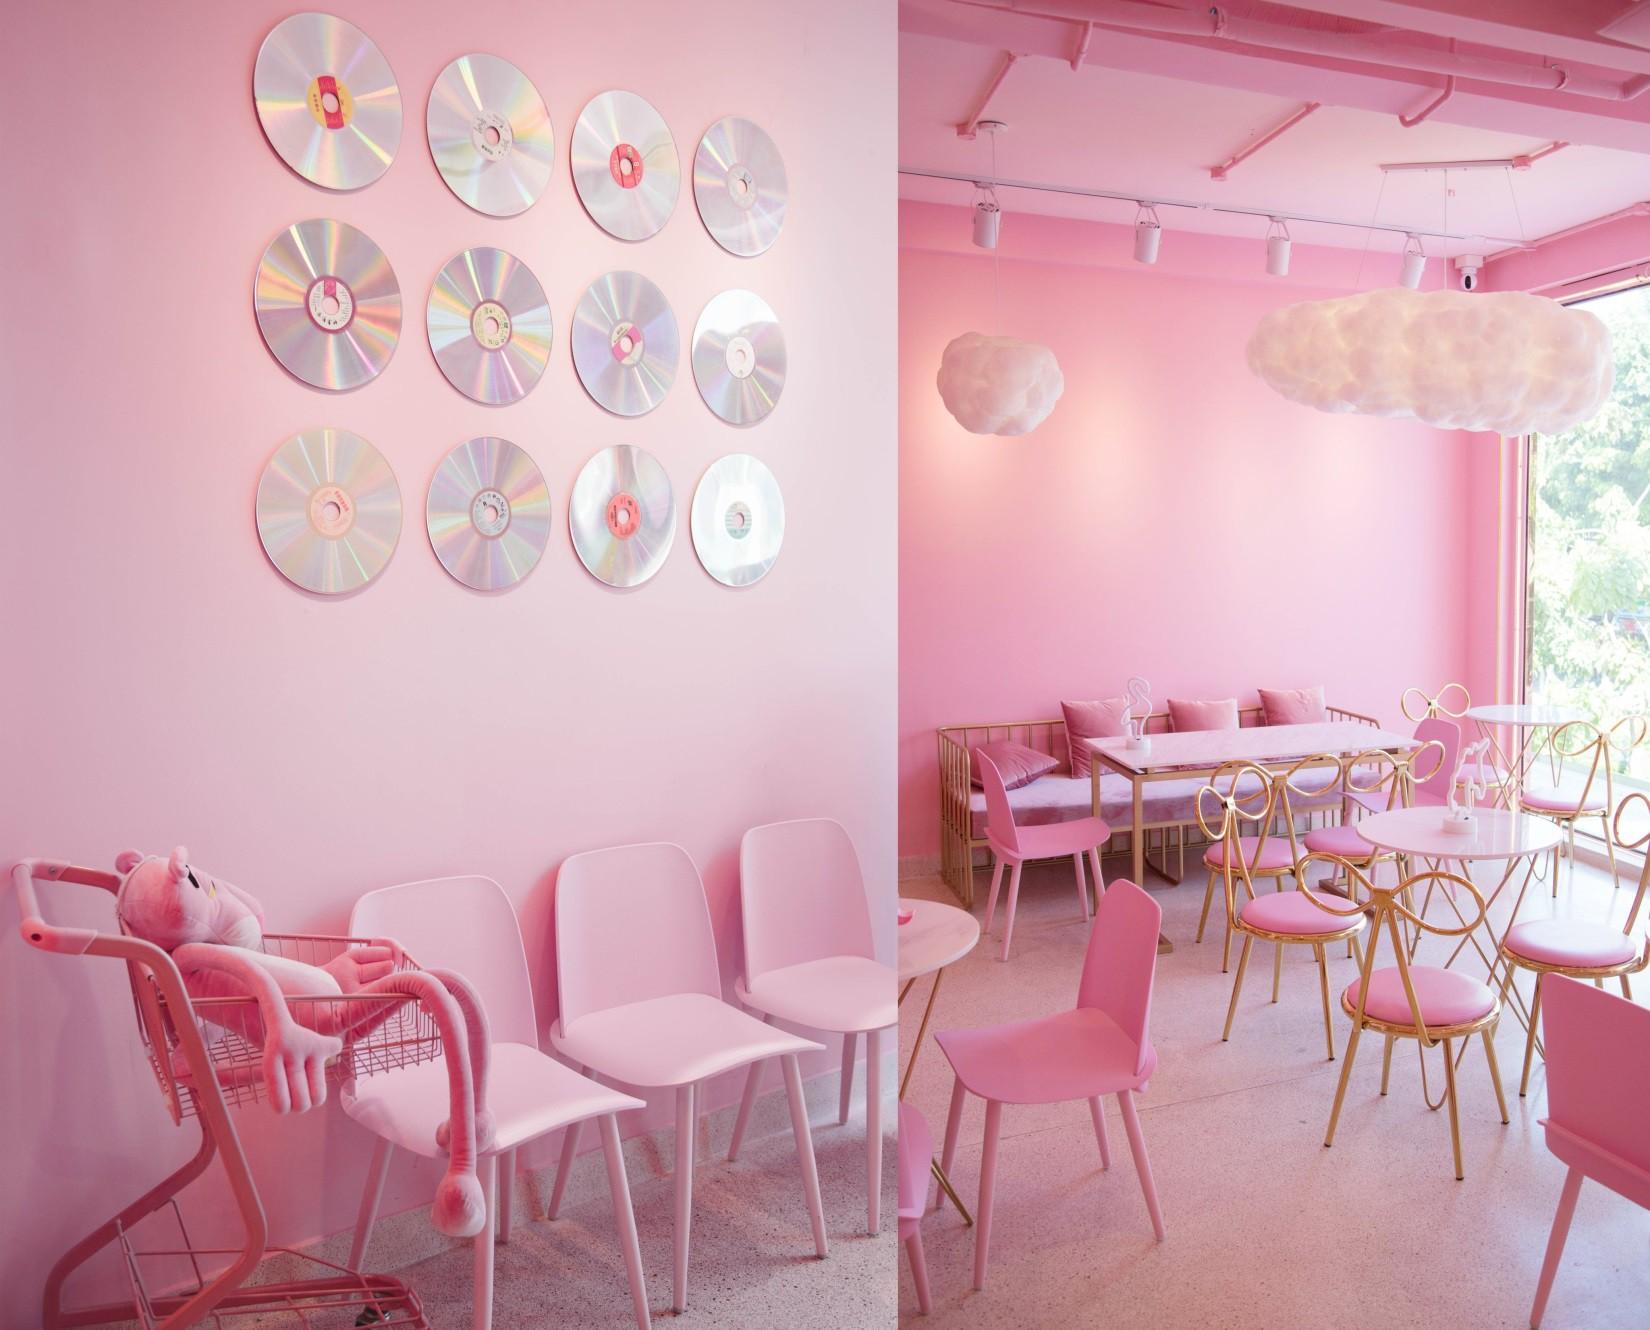 List quán ngon must-have trên đường Phan Xích Long thêm dài với sự xuất hiện của R&B phiên bản Pink độc đáo - Ảnh 4.